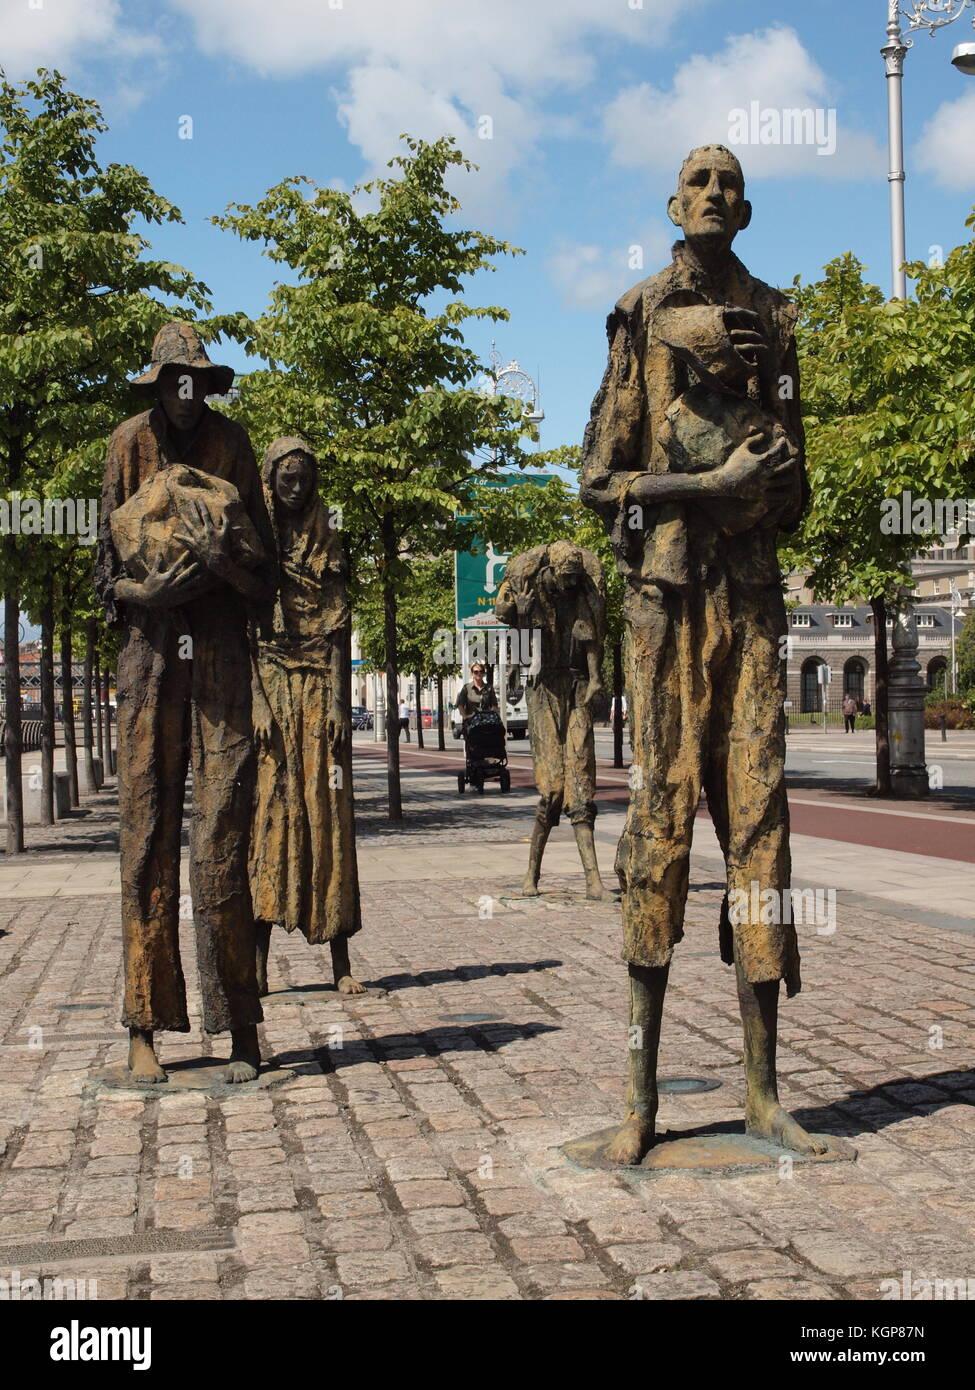 suche einen ausgehenden frau in irland